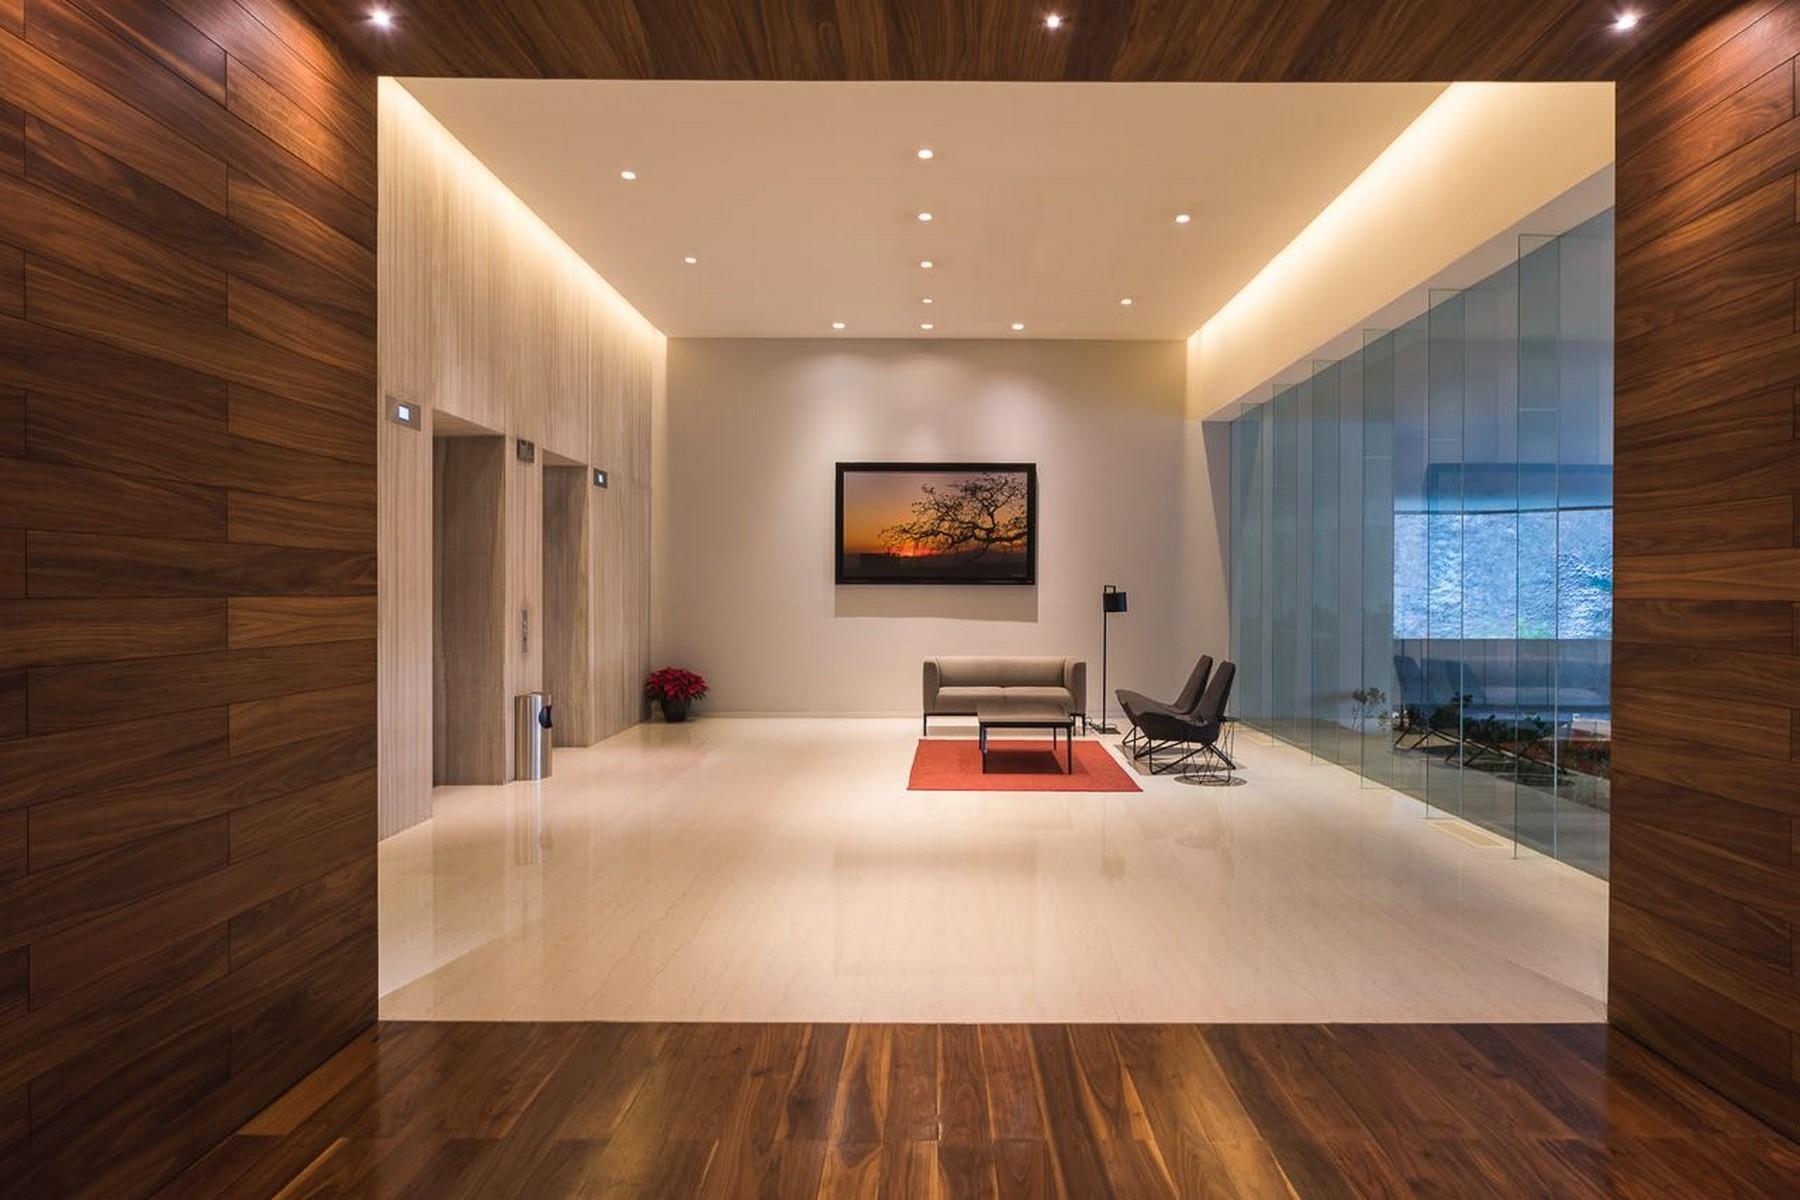 Apartment for Sale at Torres del Parque, Bosques de Santa Fe Federal District, 05600 Mexico